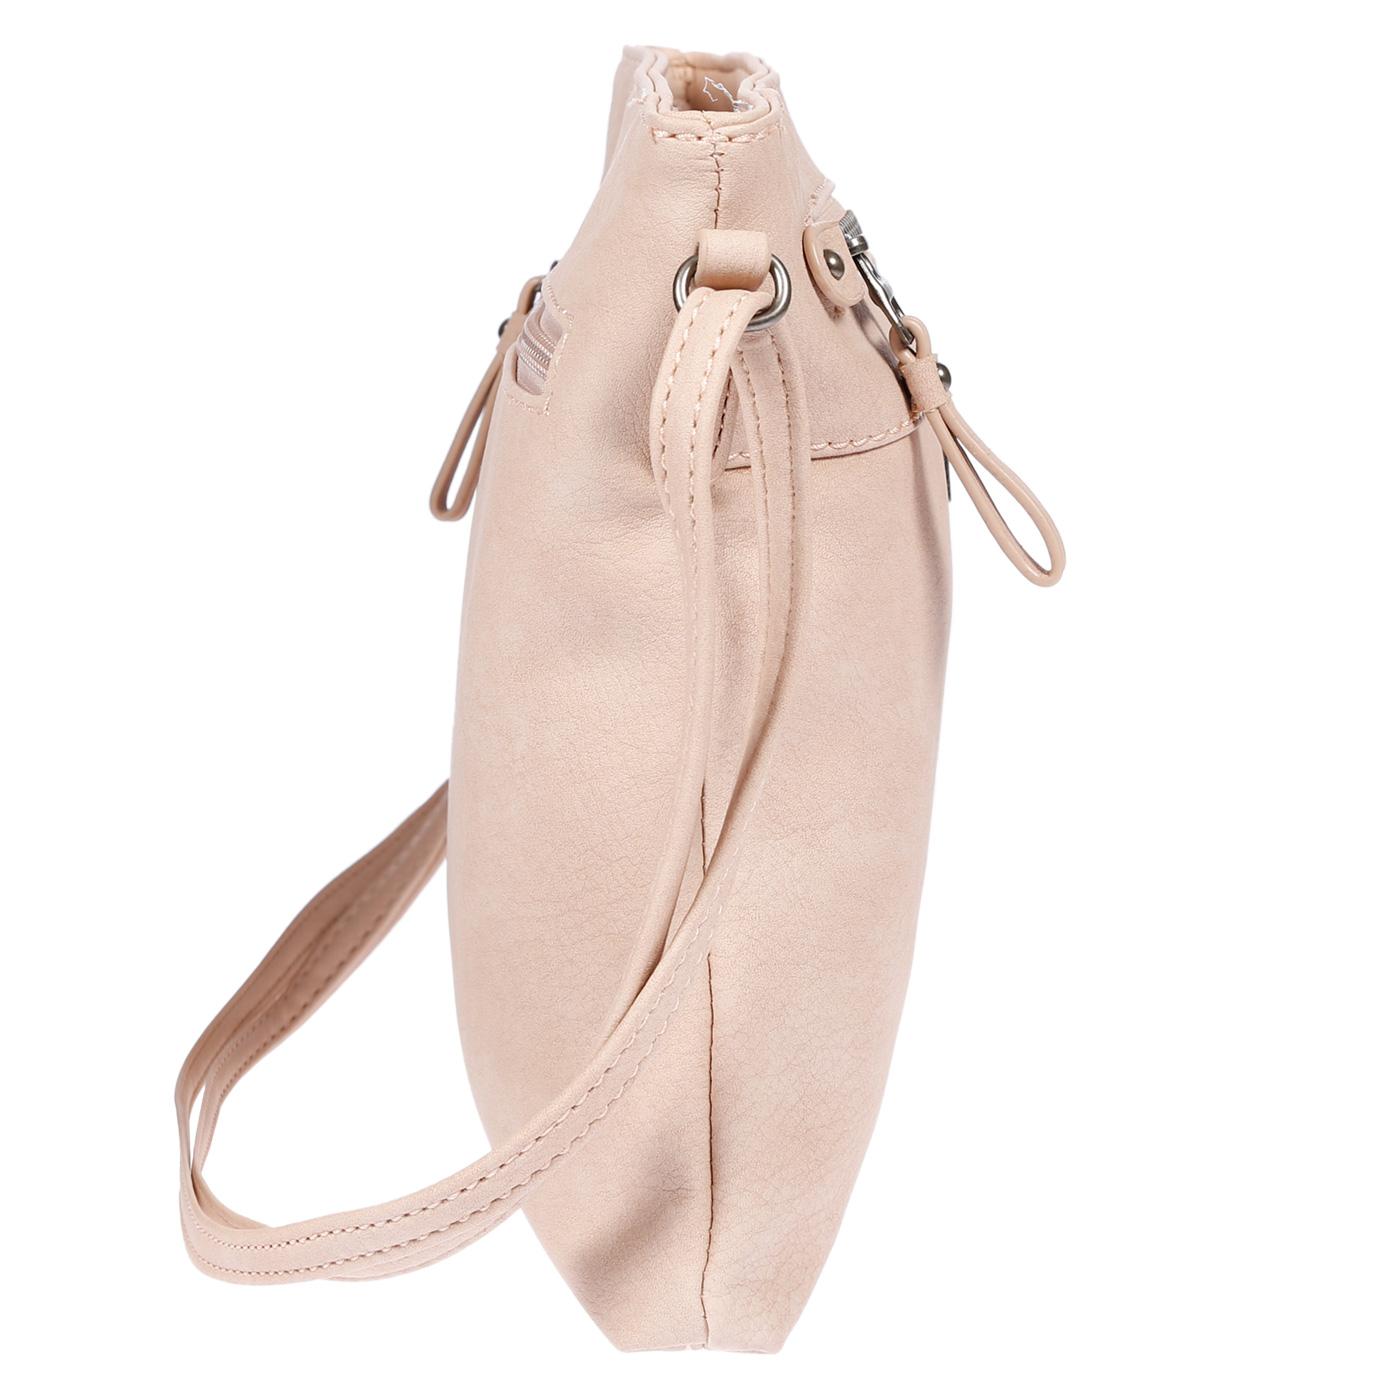 Damen-Handtasche-Umhaengetasche-Schultertasche-Tasche-Leder-Optik-Schwarz-Weiss Indexbild 25